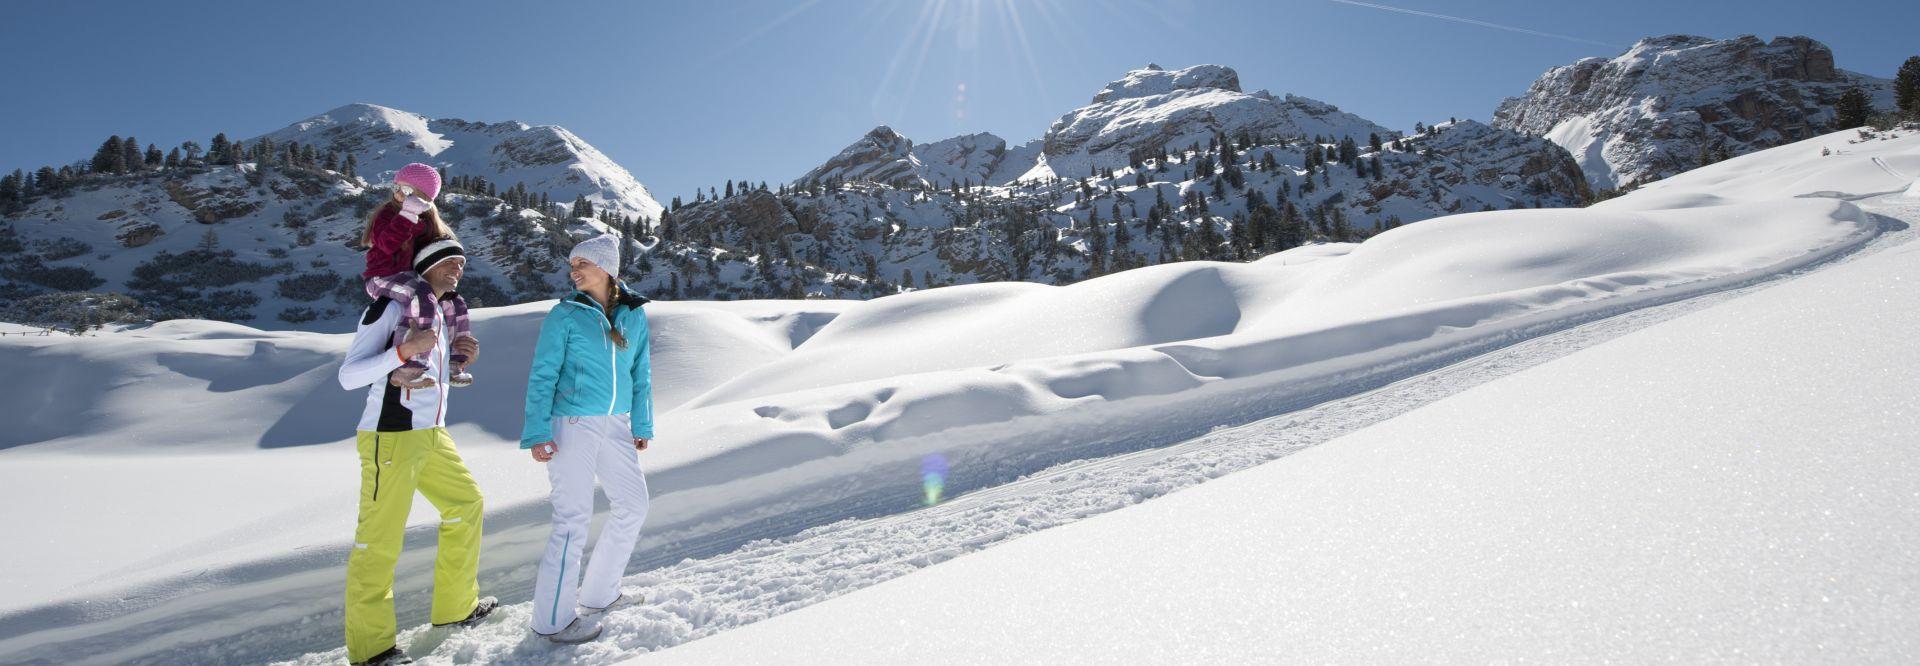 Familie beim Wandern im Schnee bei Sonnenschein in Olang © TVB Kronplatz - Photo Helmuth Rier